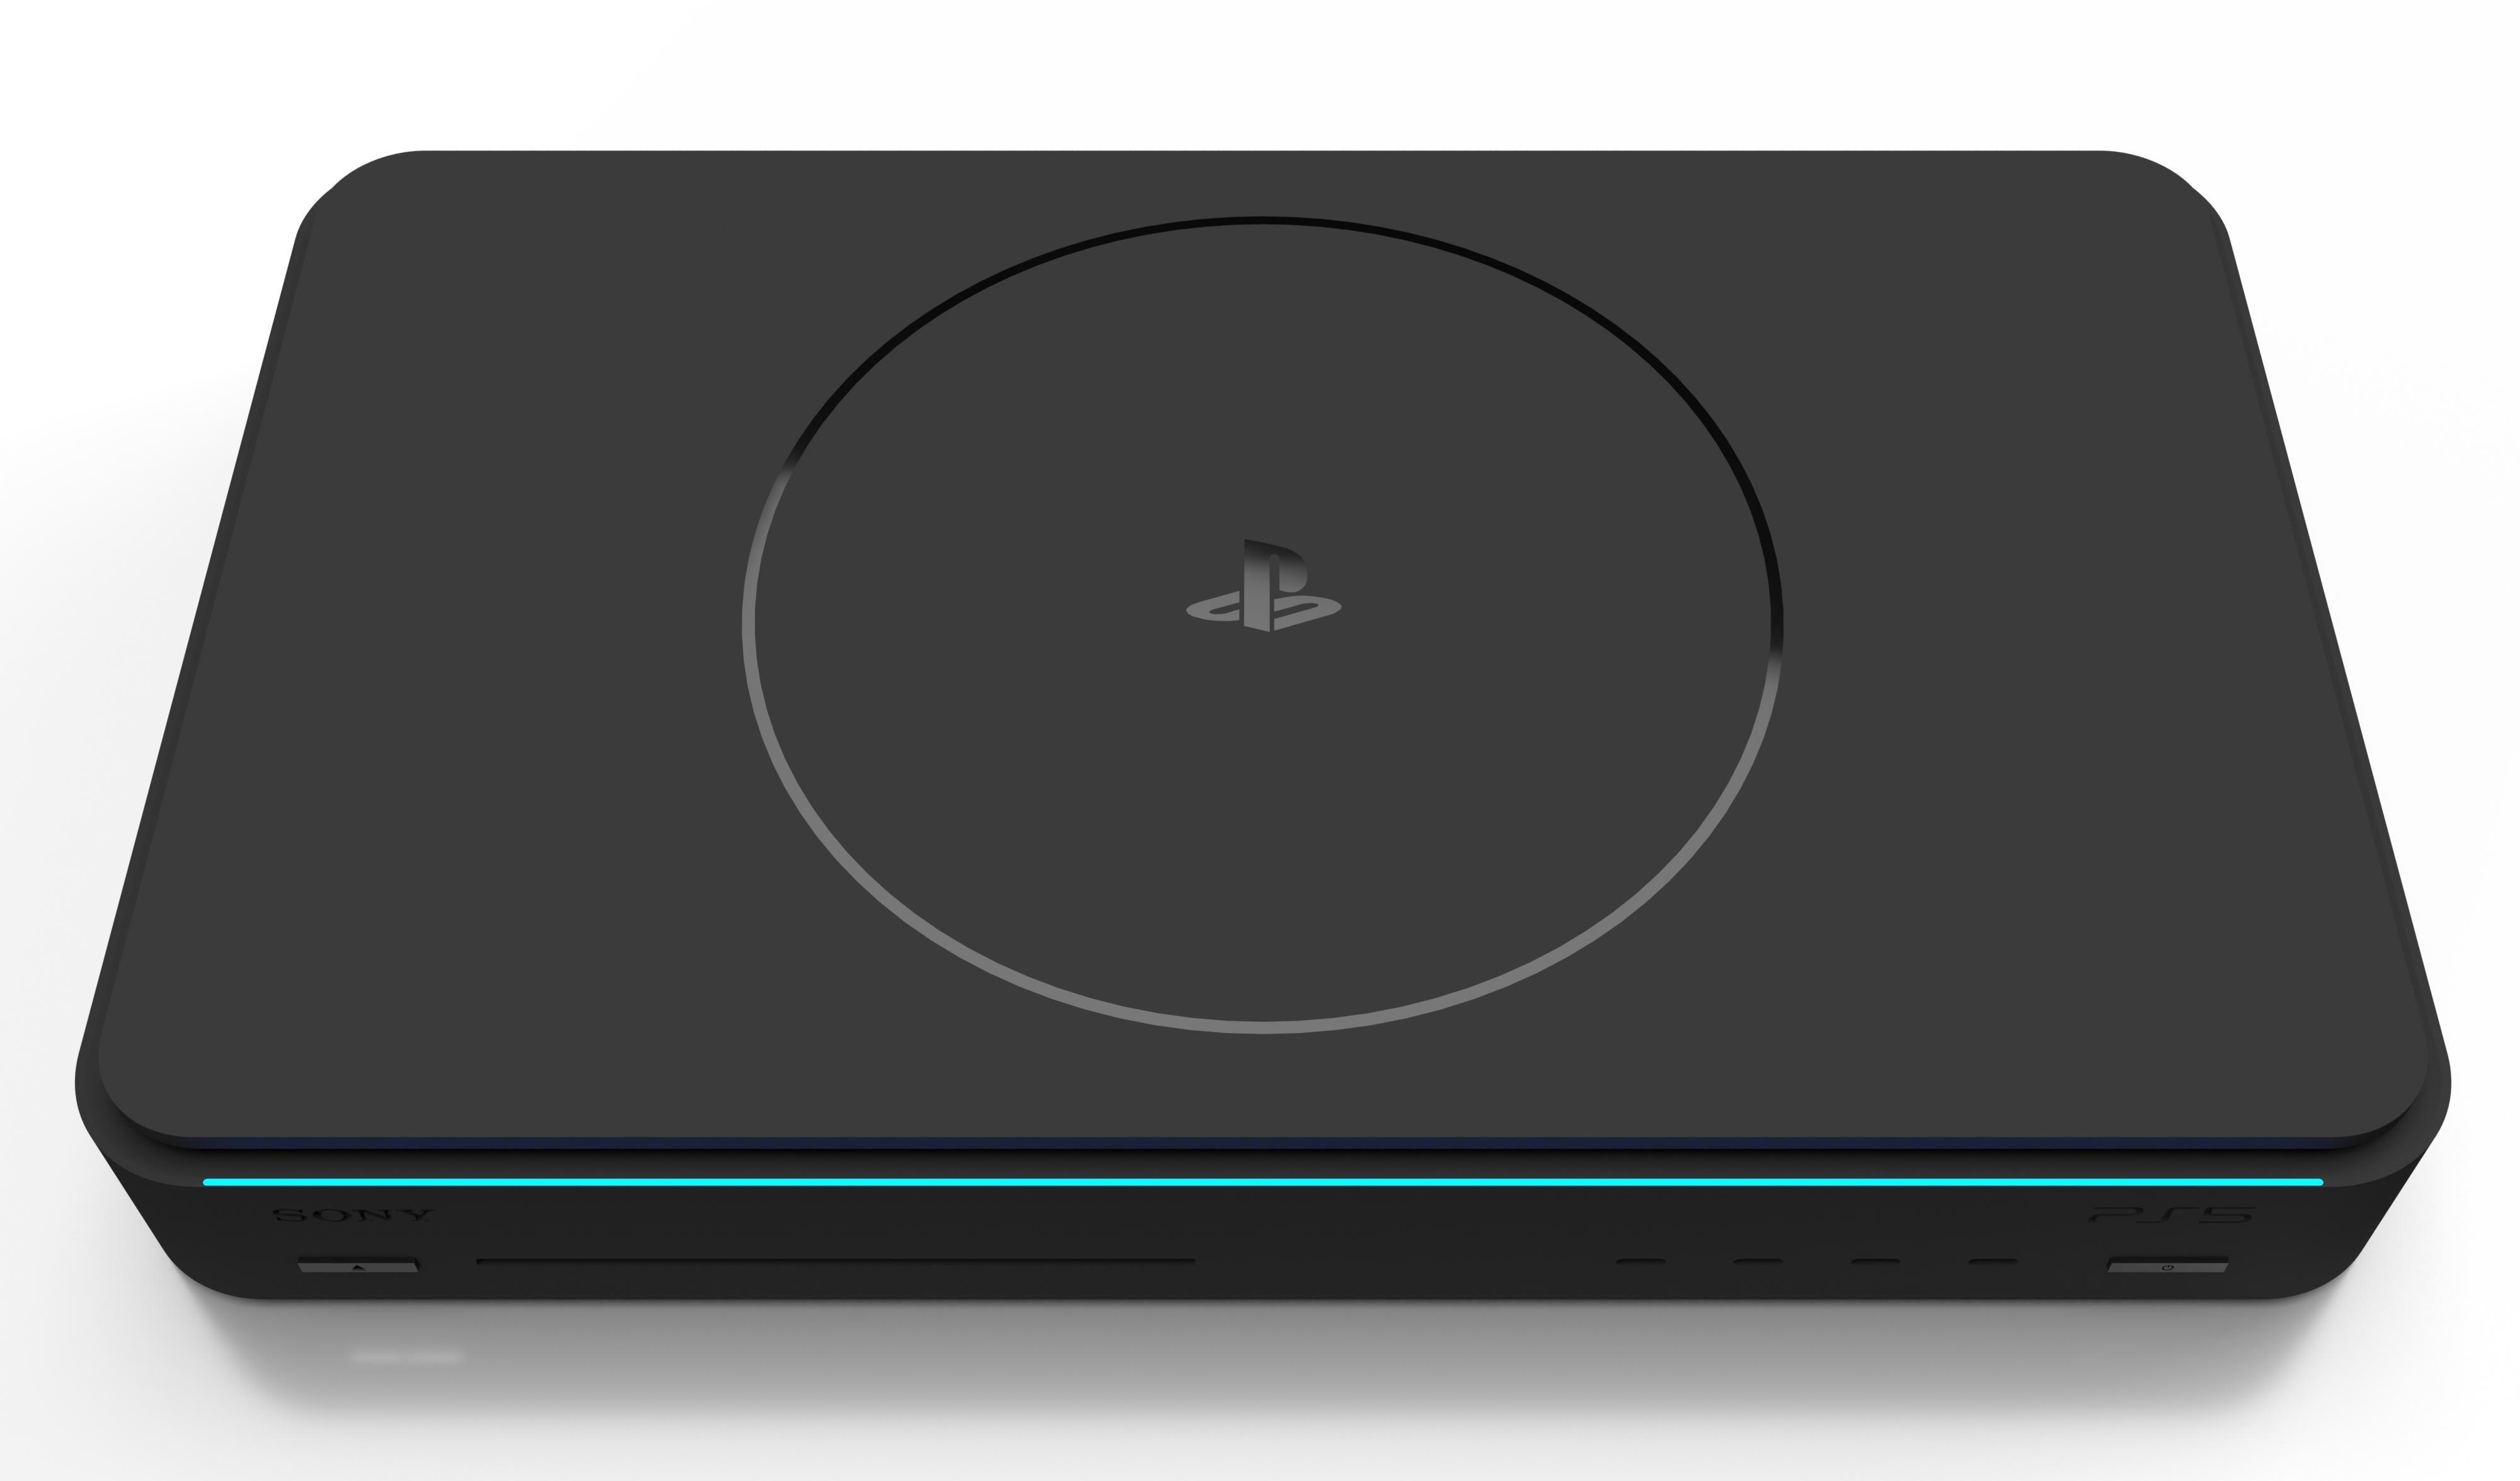 国外玩家自己设计的PS5概念图 极简风格+PS1复古风